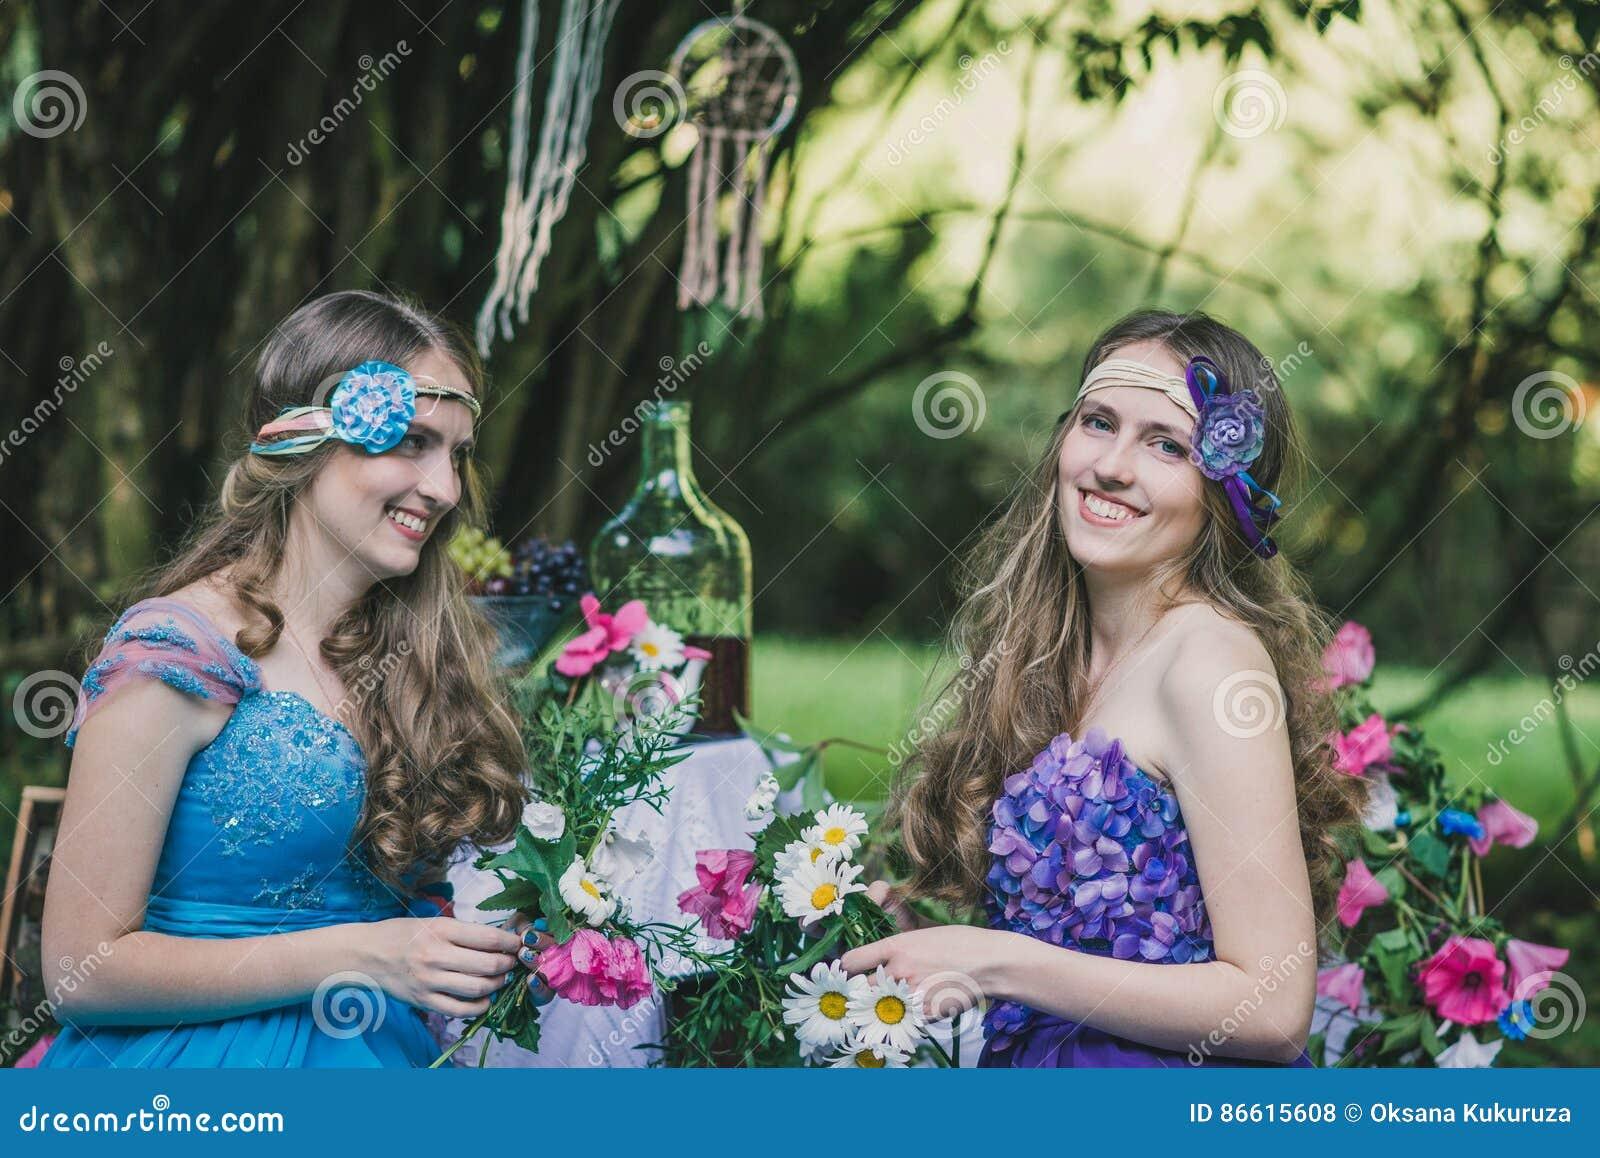 jpg free Lesbian twins